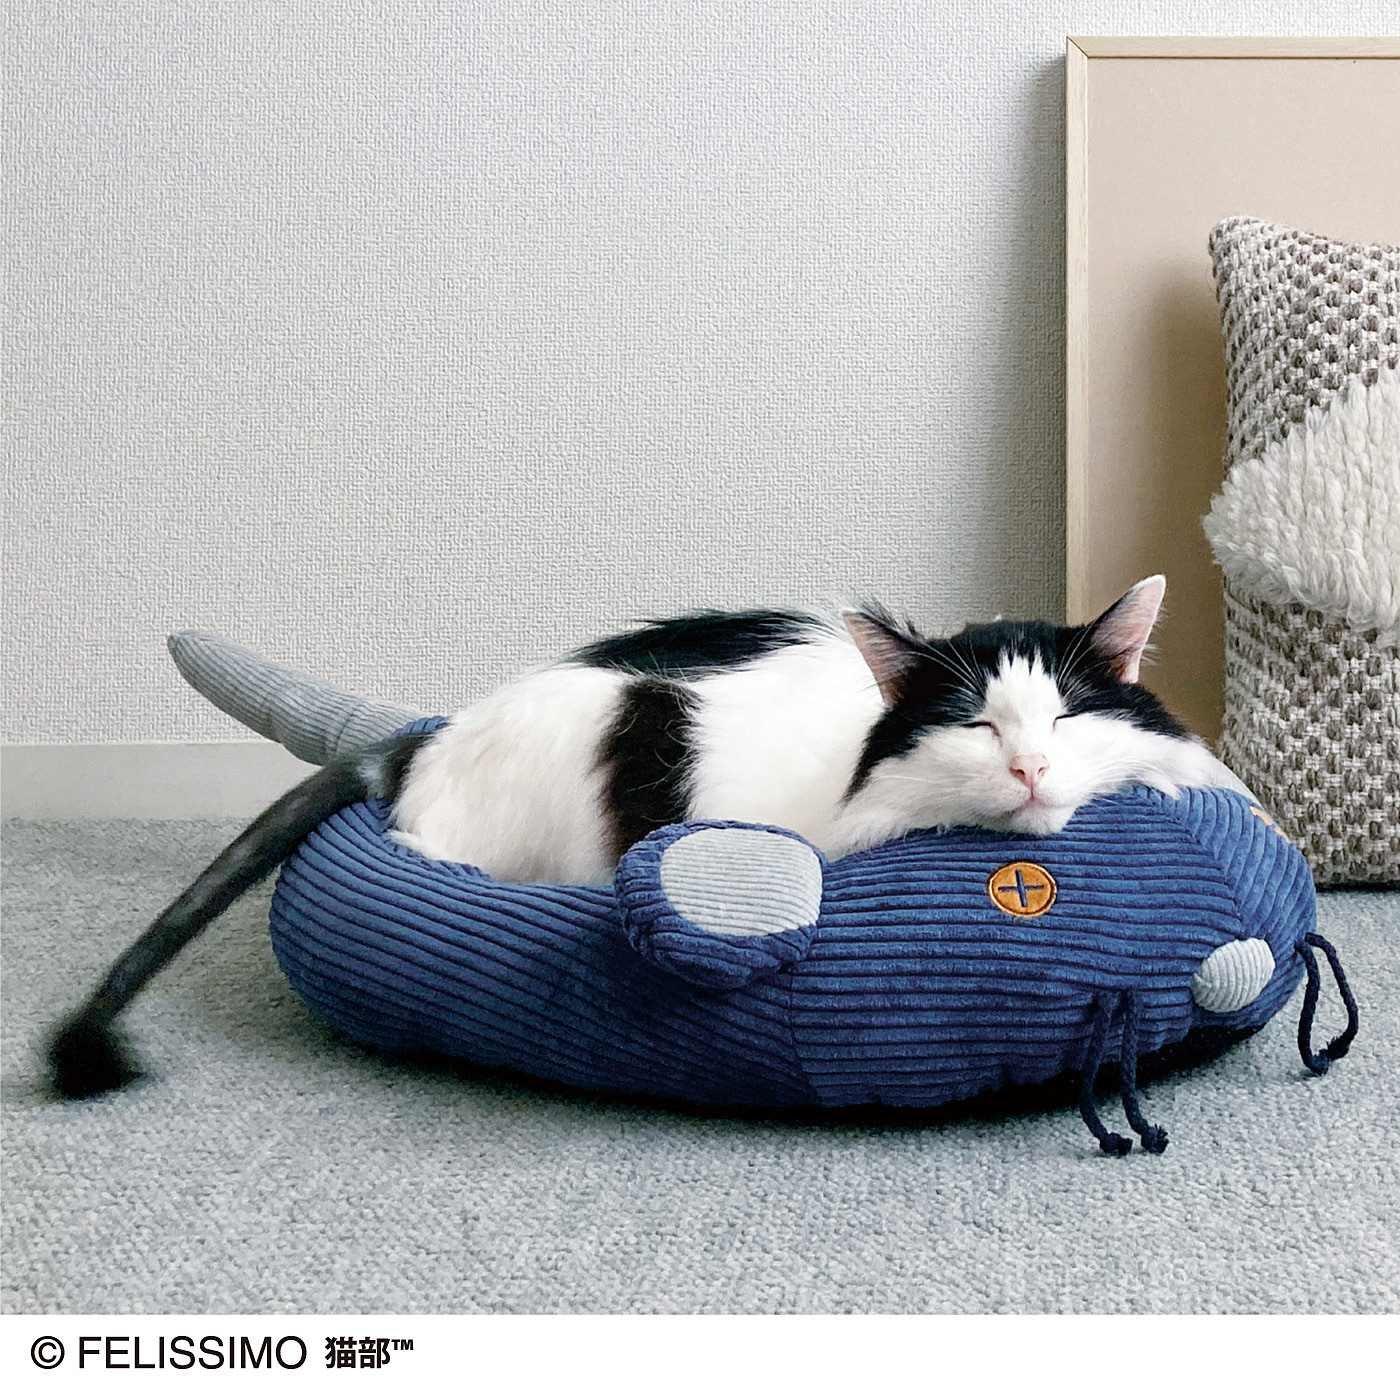 お耳がピコピコ動くチュー 遊んでくつろげるネズミさんベッドの会